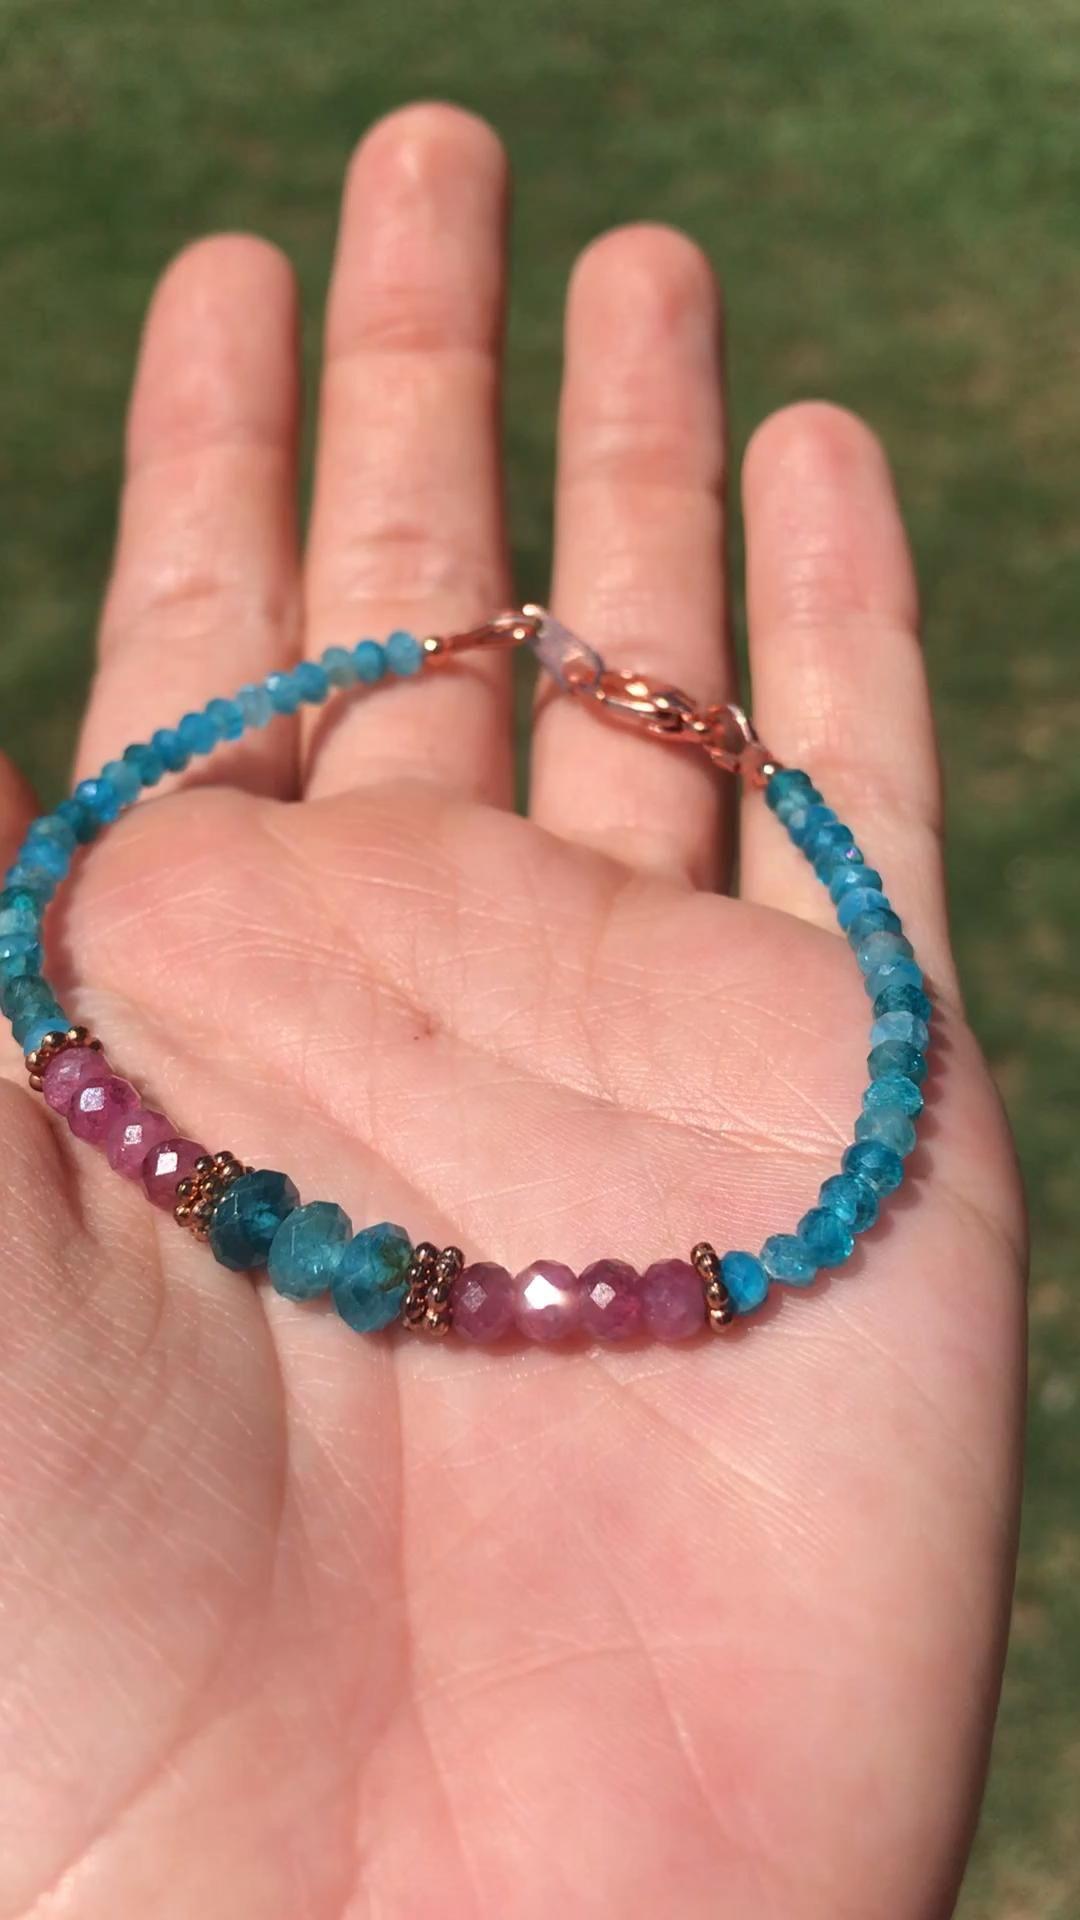 Photo of Bracelet Jewelry